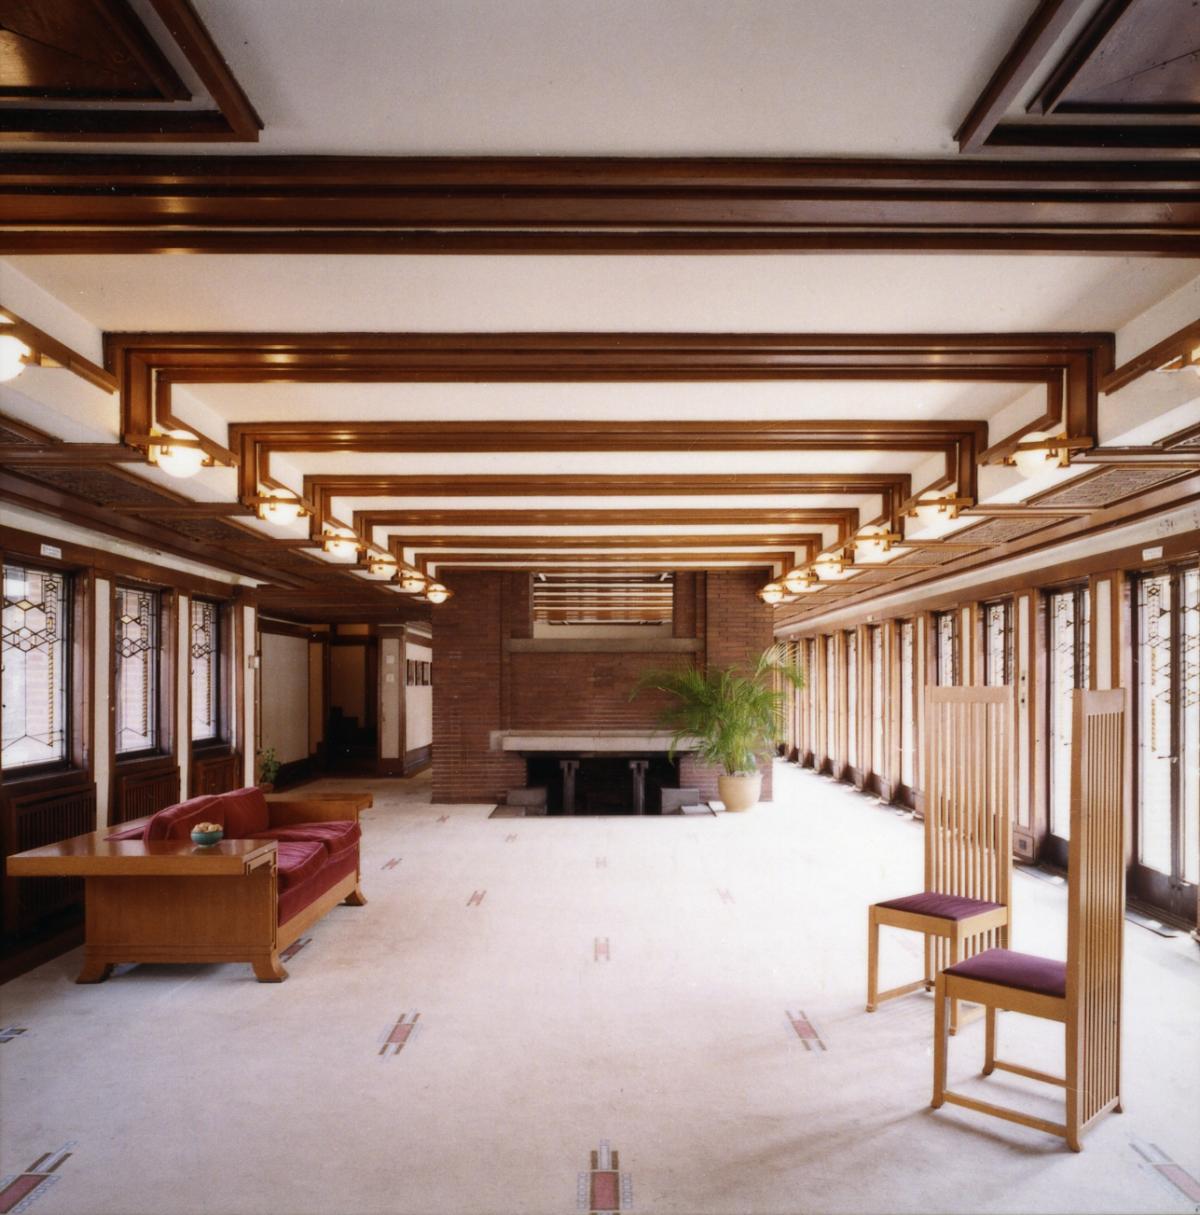 Frank Lloyd Wrightu0027s Robie House